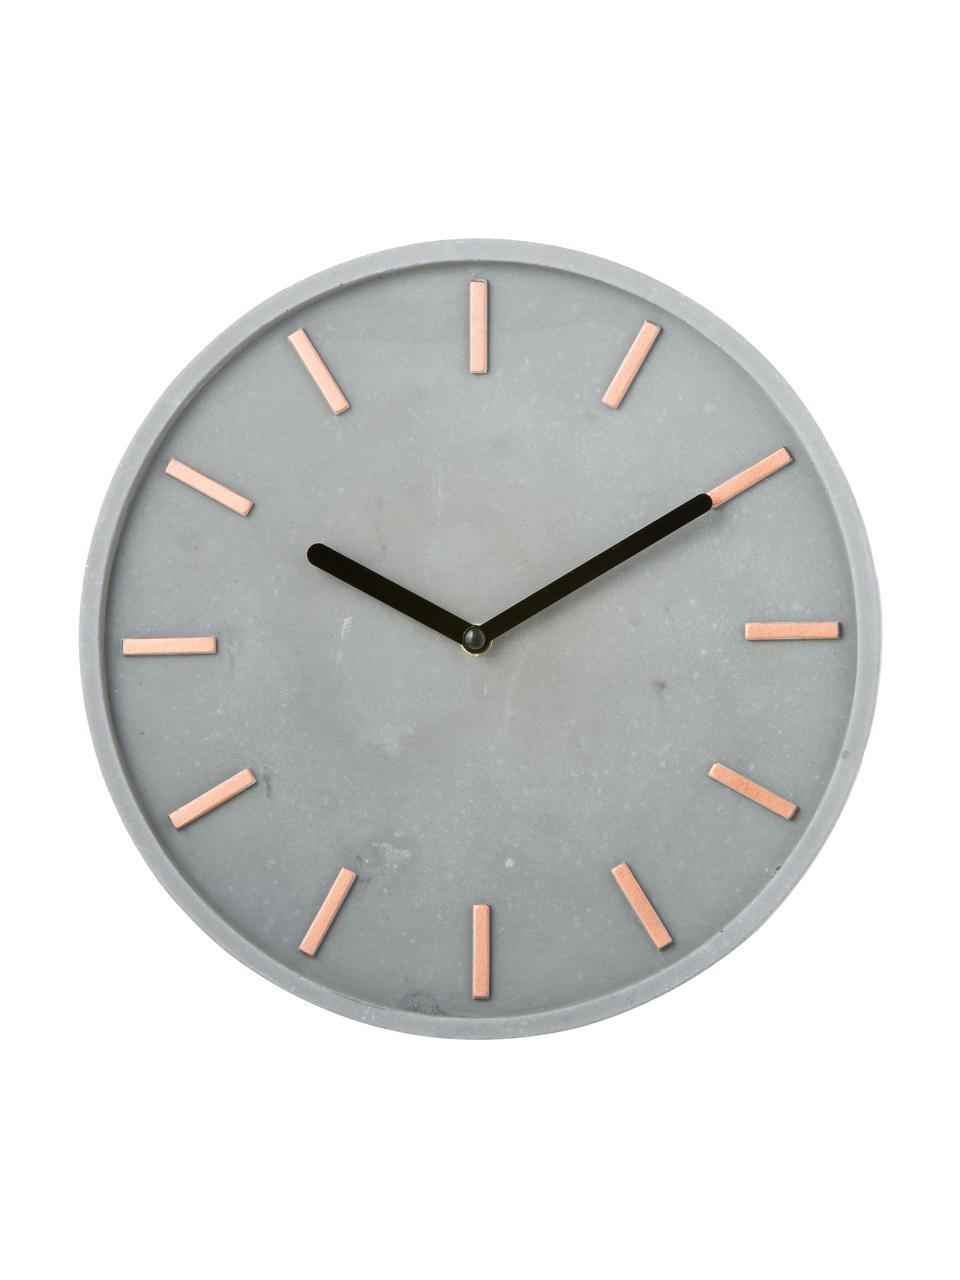 Wanduhr Gela, Ziffernblatt: Beton mit eingegossenen, , Zeiger: Metall, Grau, Ø 28 cm